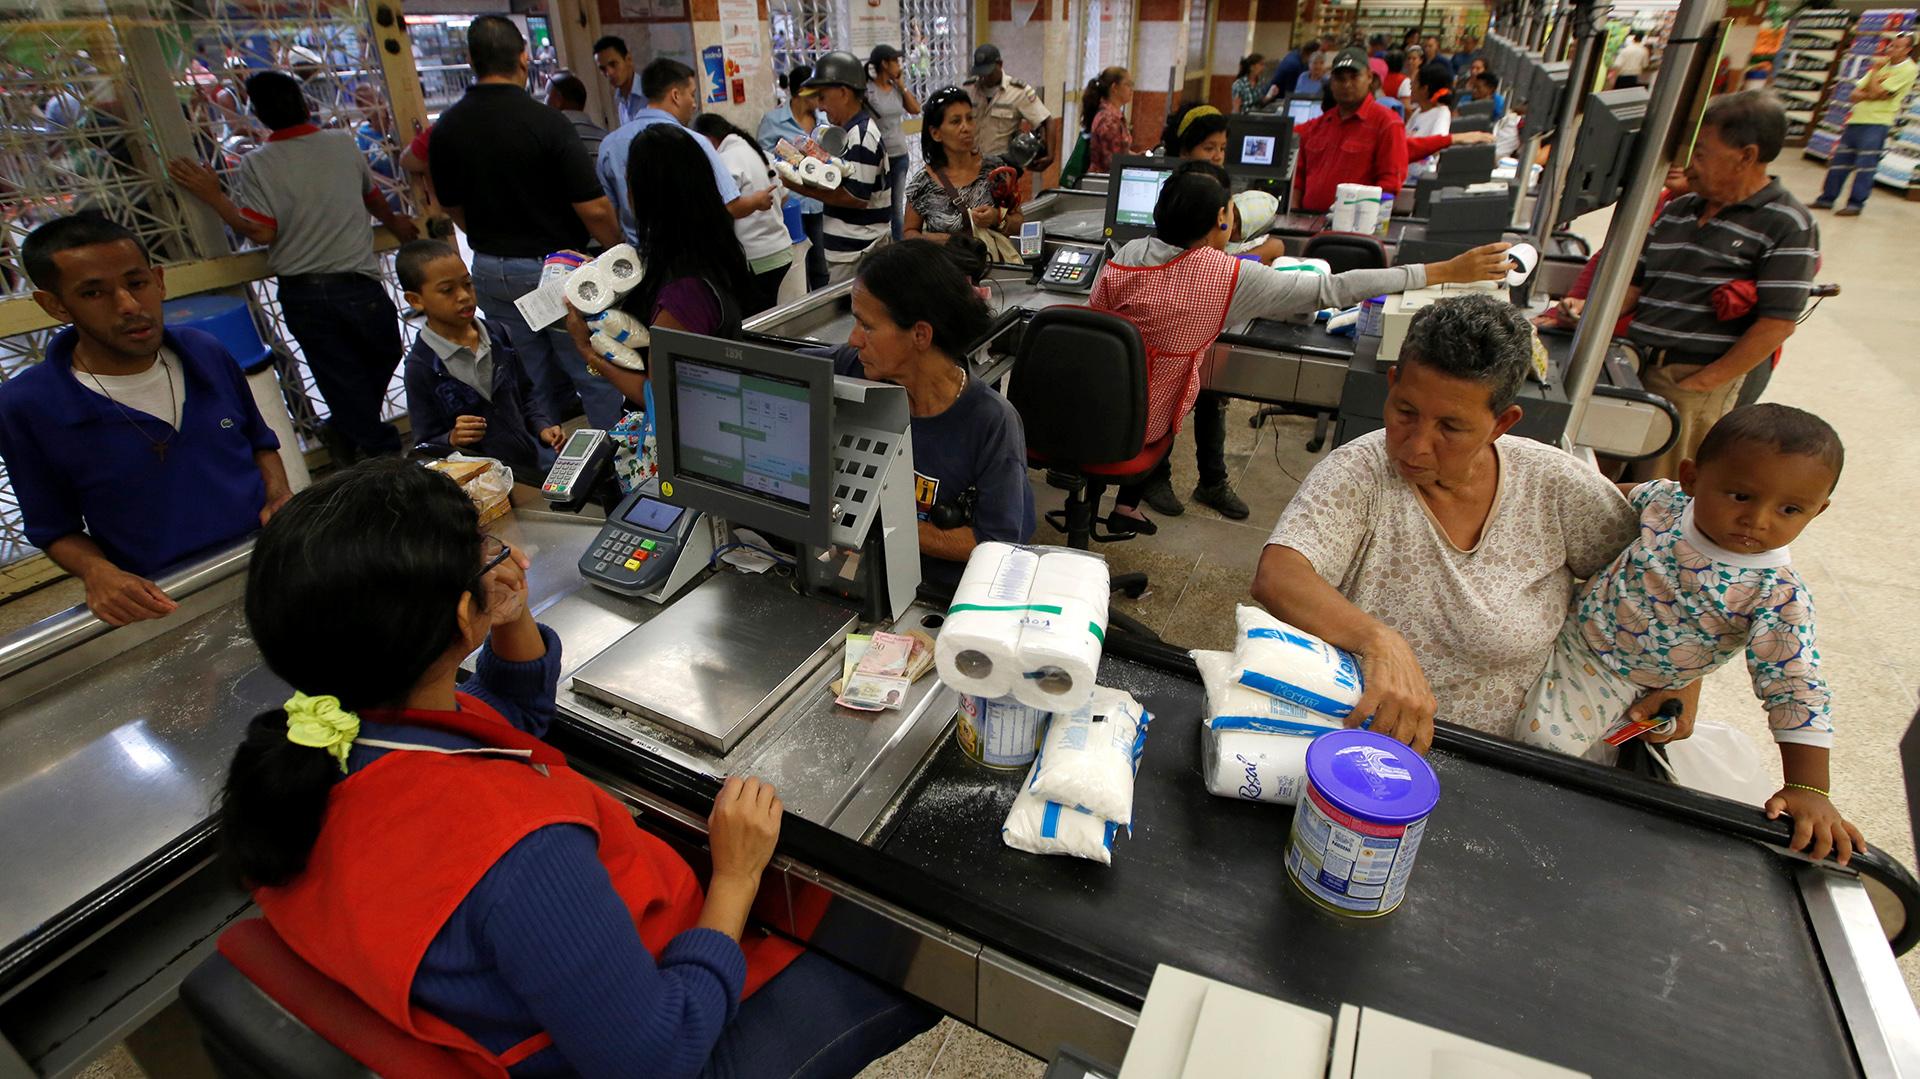 Los estudios muestran que actualmente se requieren 15 salarios mínimos para poder adquirir la canasta para una familia de cinco miembros (Reuters)